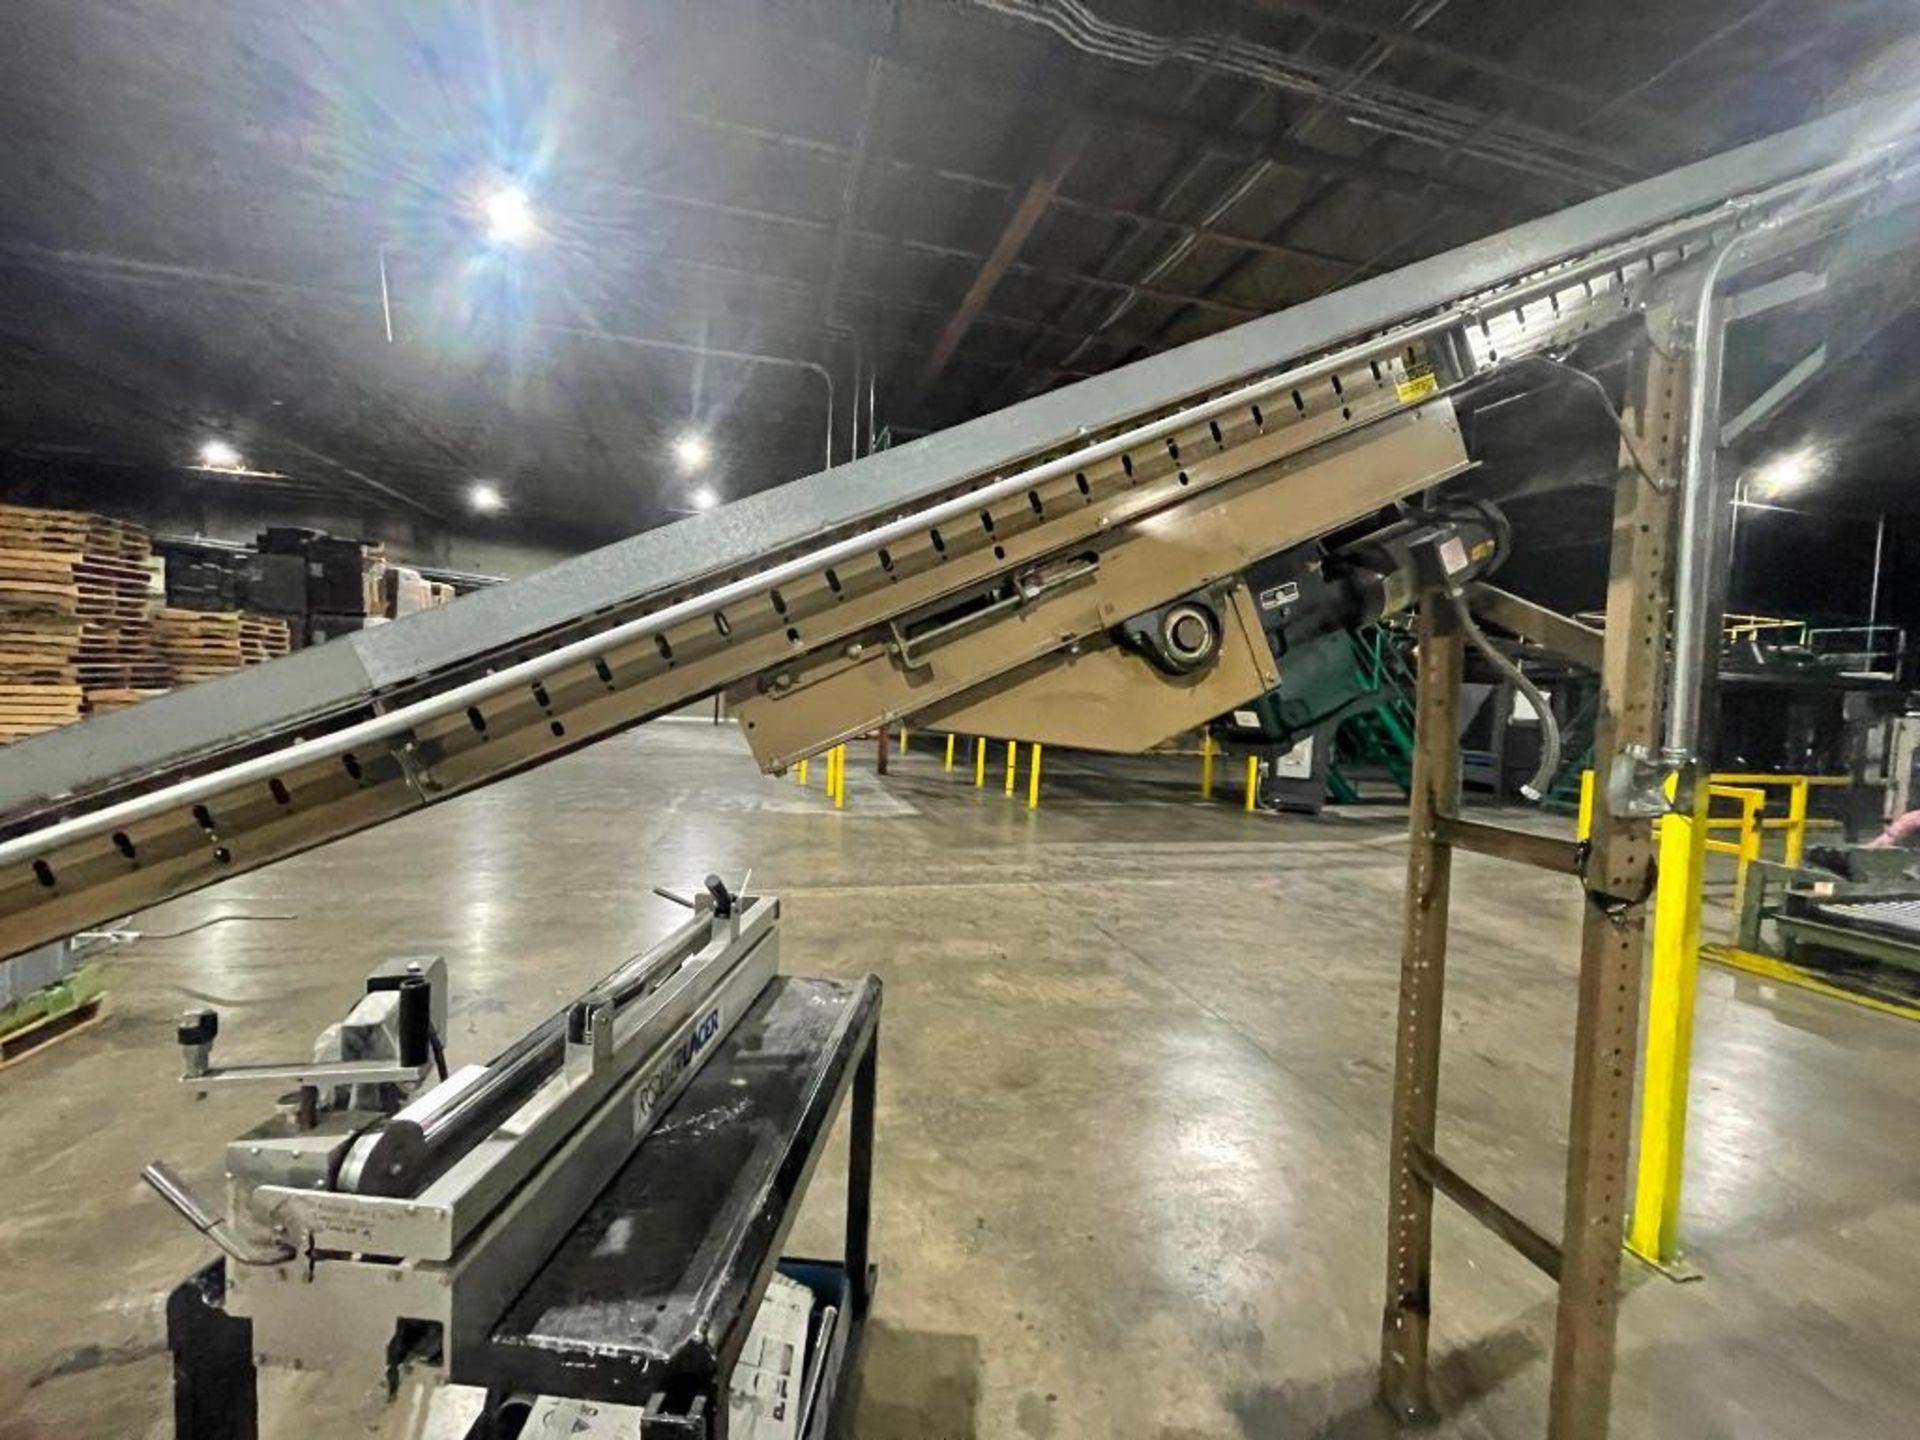 Buschman mild steel incline conveyor - Image 5 of 11